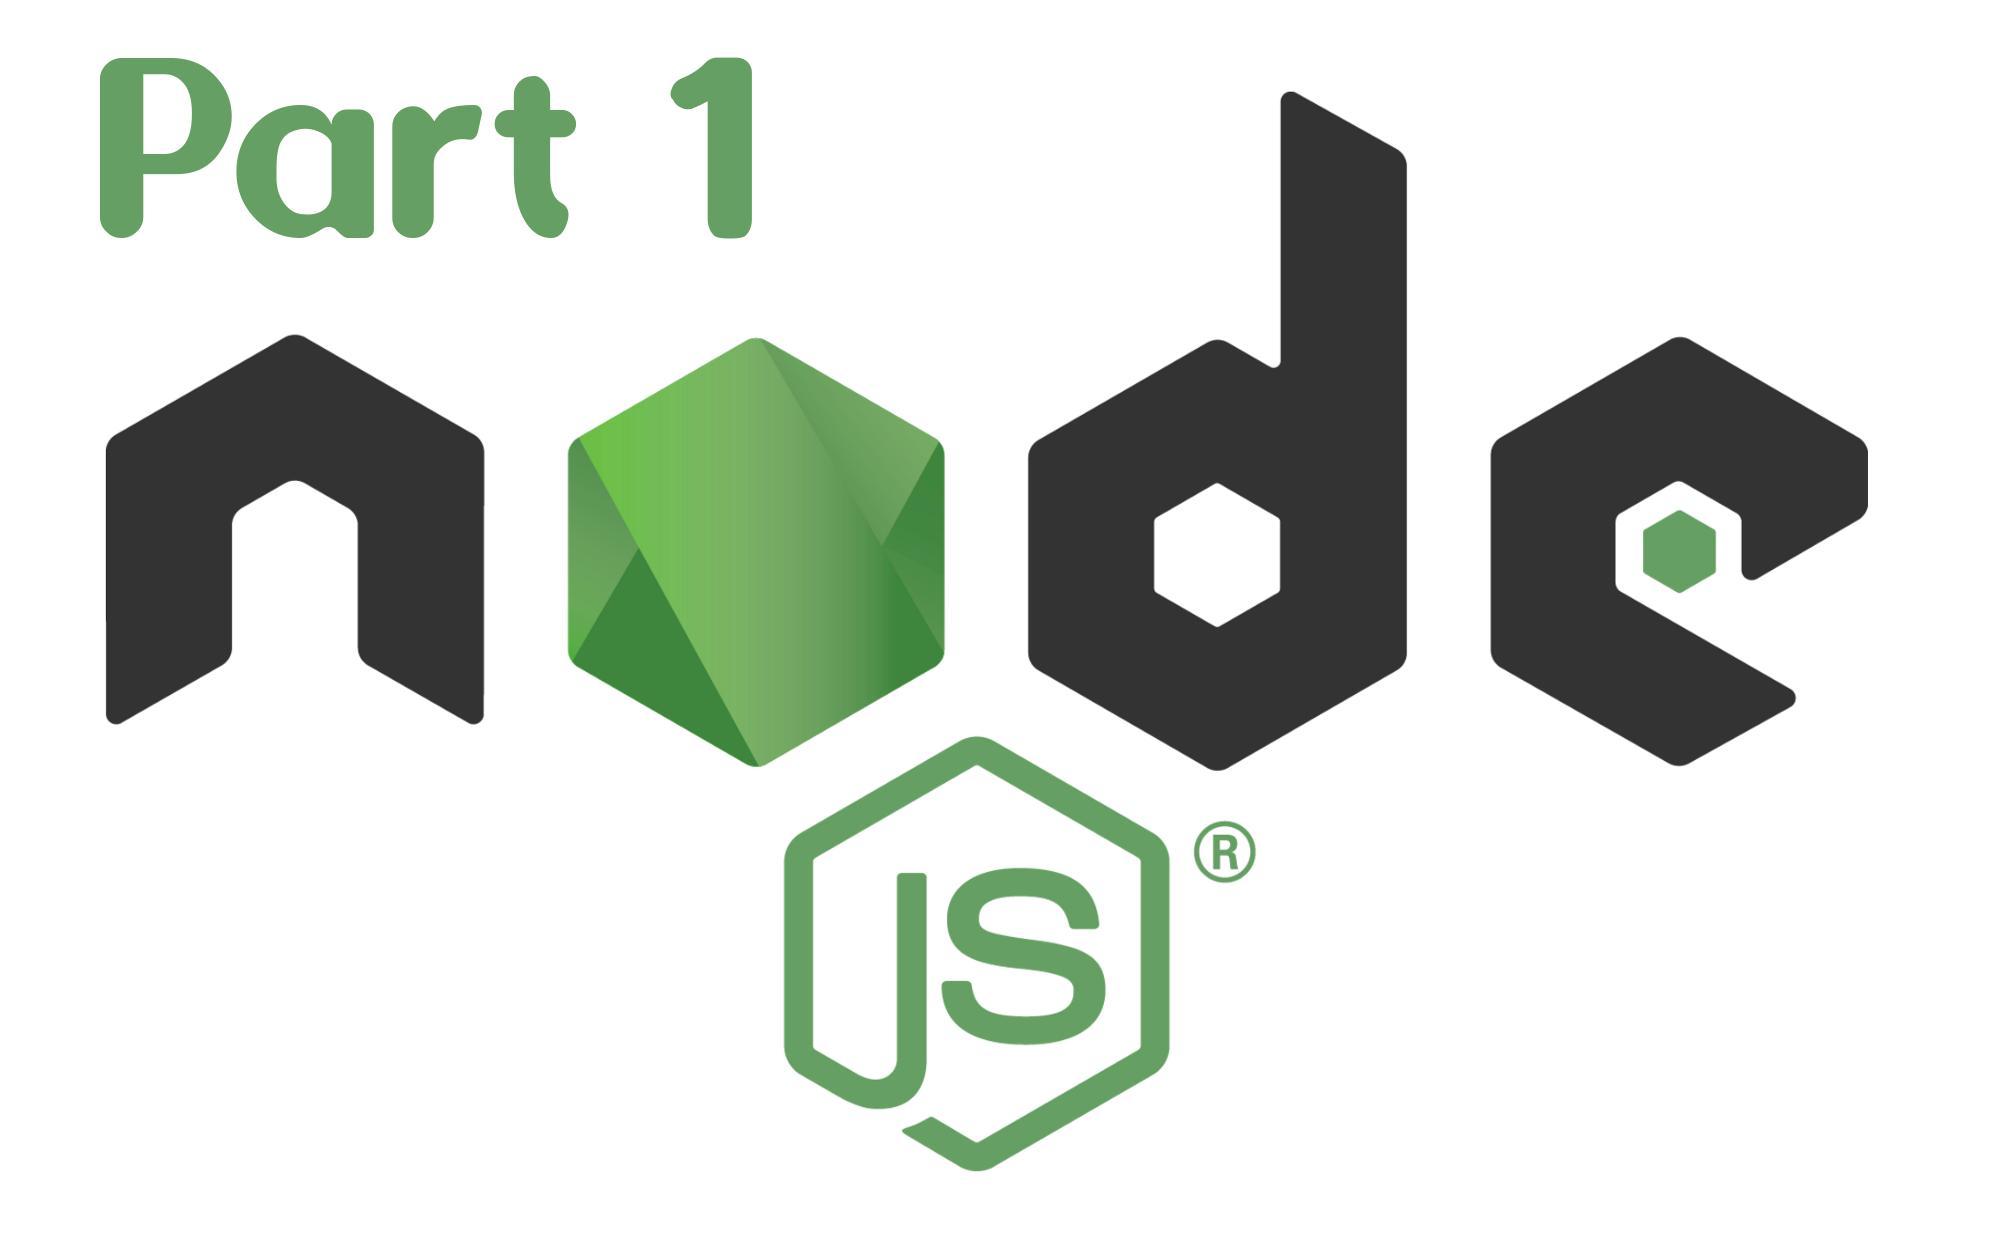 واقعا «Node.js» رو یاد داریم؟ - قسمت اول - نودجیاس چیست؟